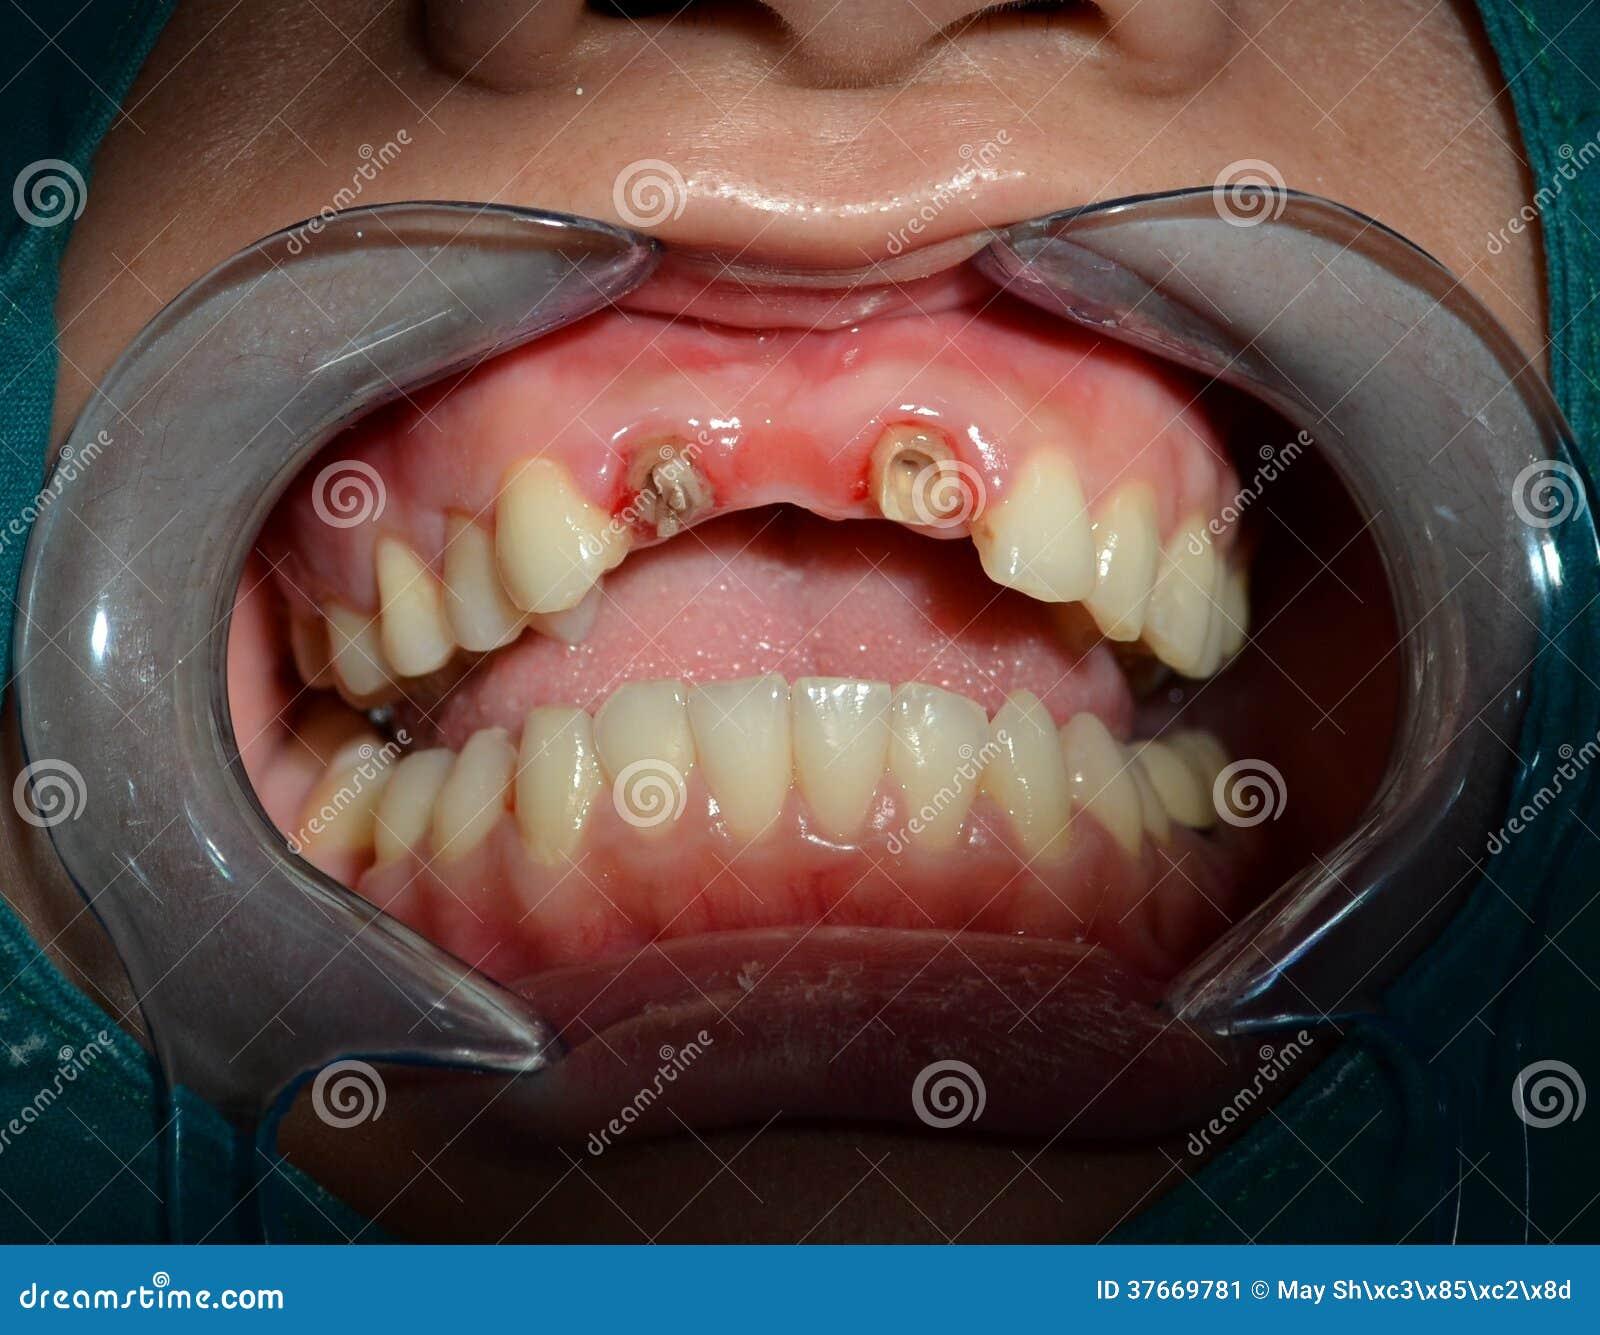 Na verwijder al ceramische brug van voorafgaande hogere tanden